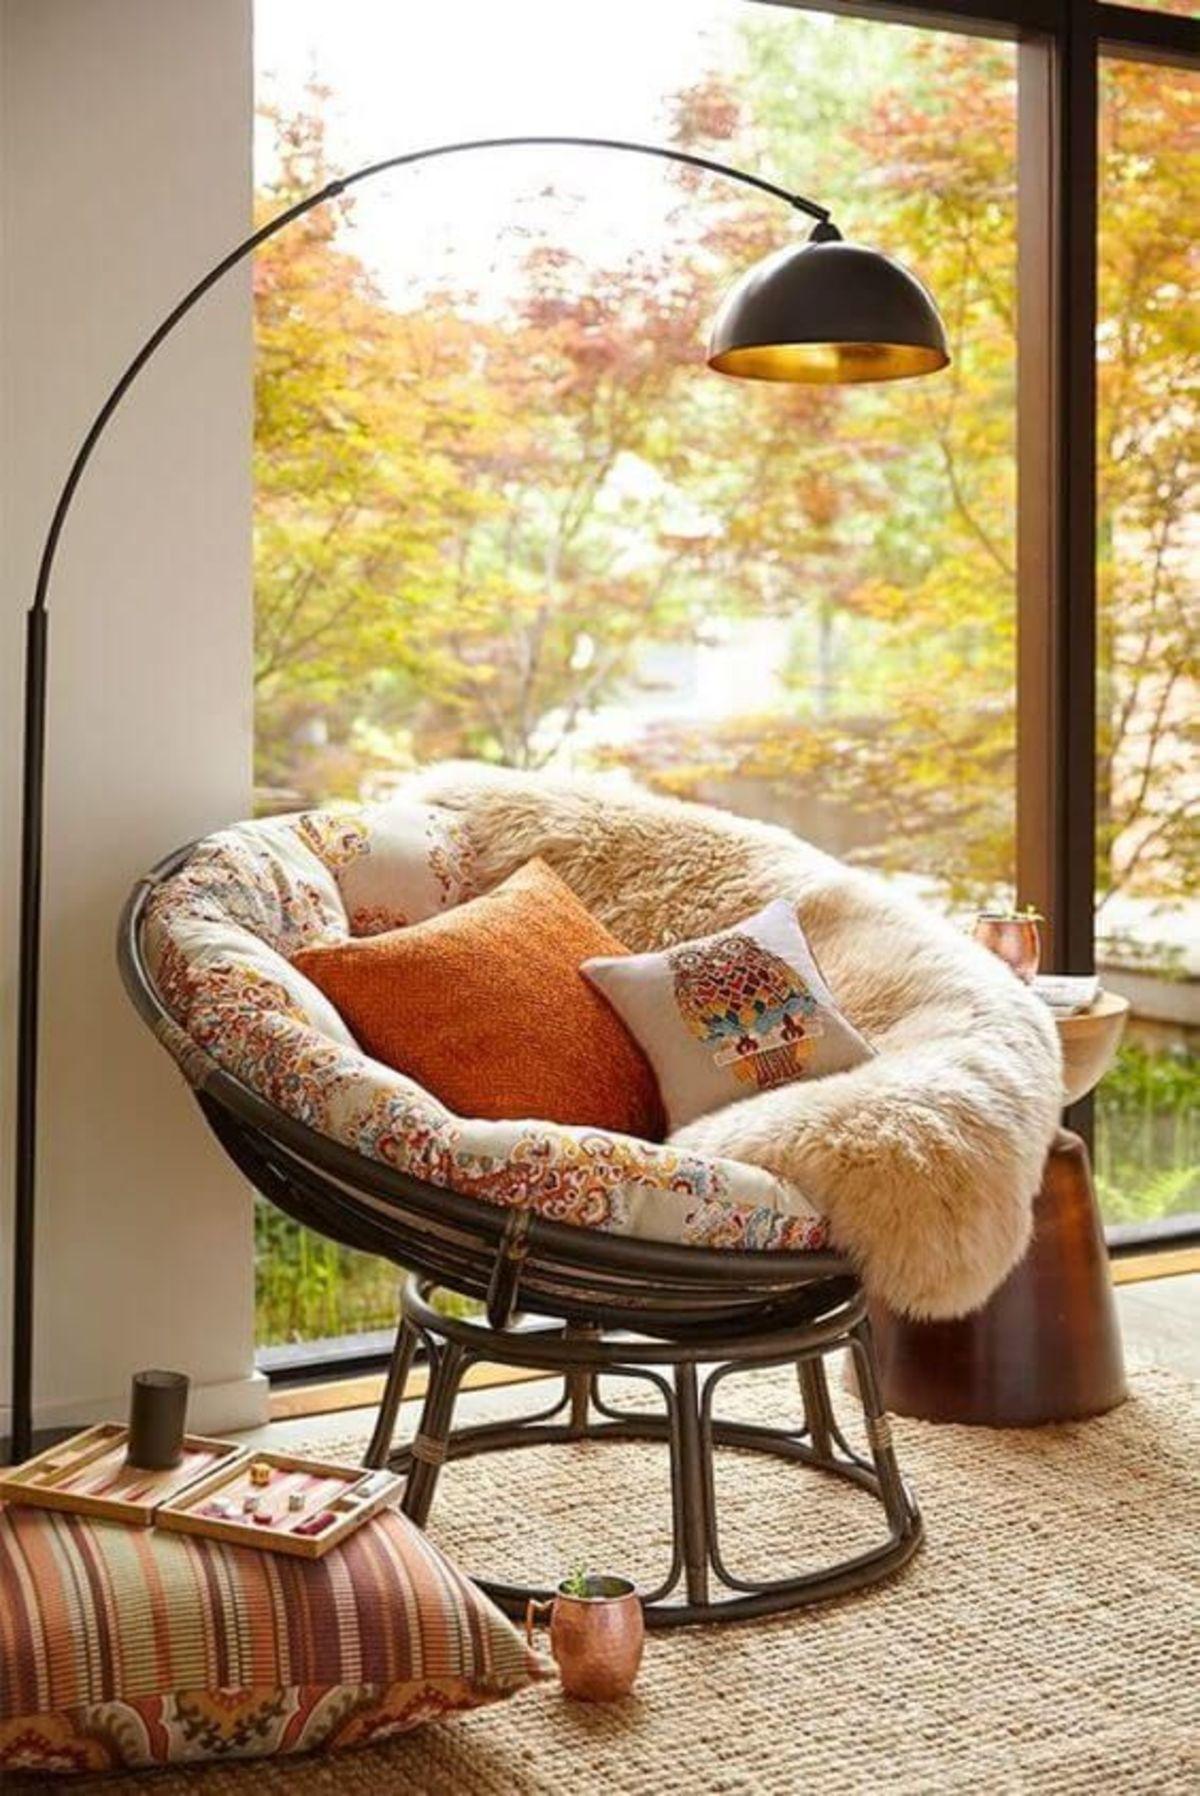 Tạo không gian thư giãn đẹp như tranh vẽ với ghế Papasan - Ảnh 1.